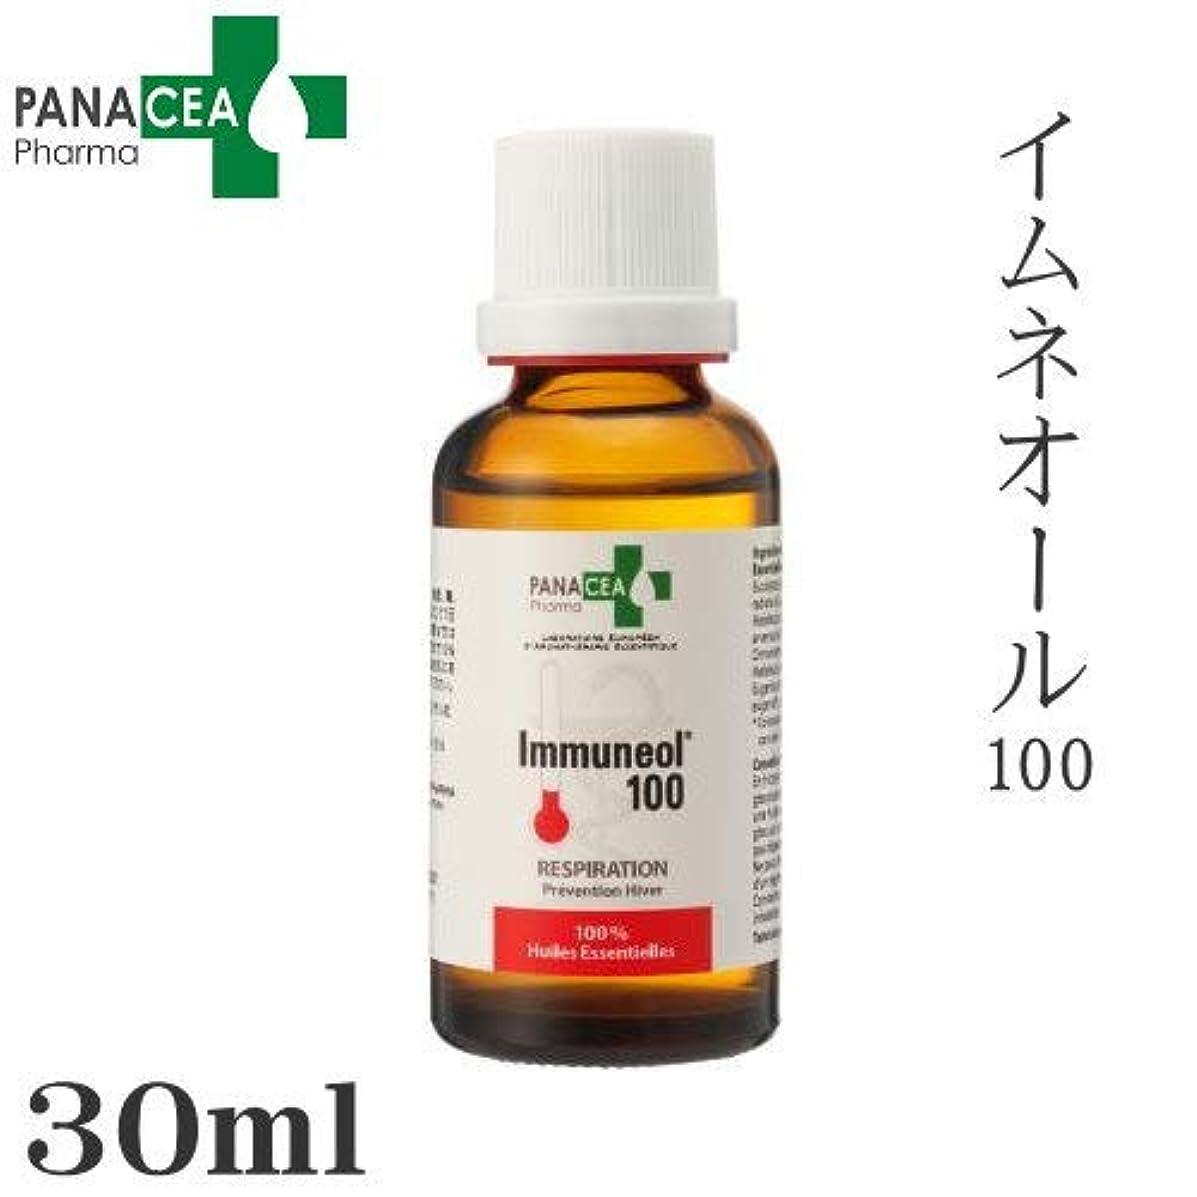 認める恐ろしいです命題PANACEA PHARMA パナセア ファルマイムネオール100 正規品